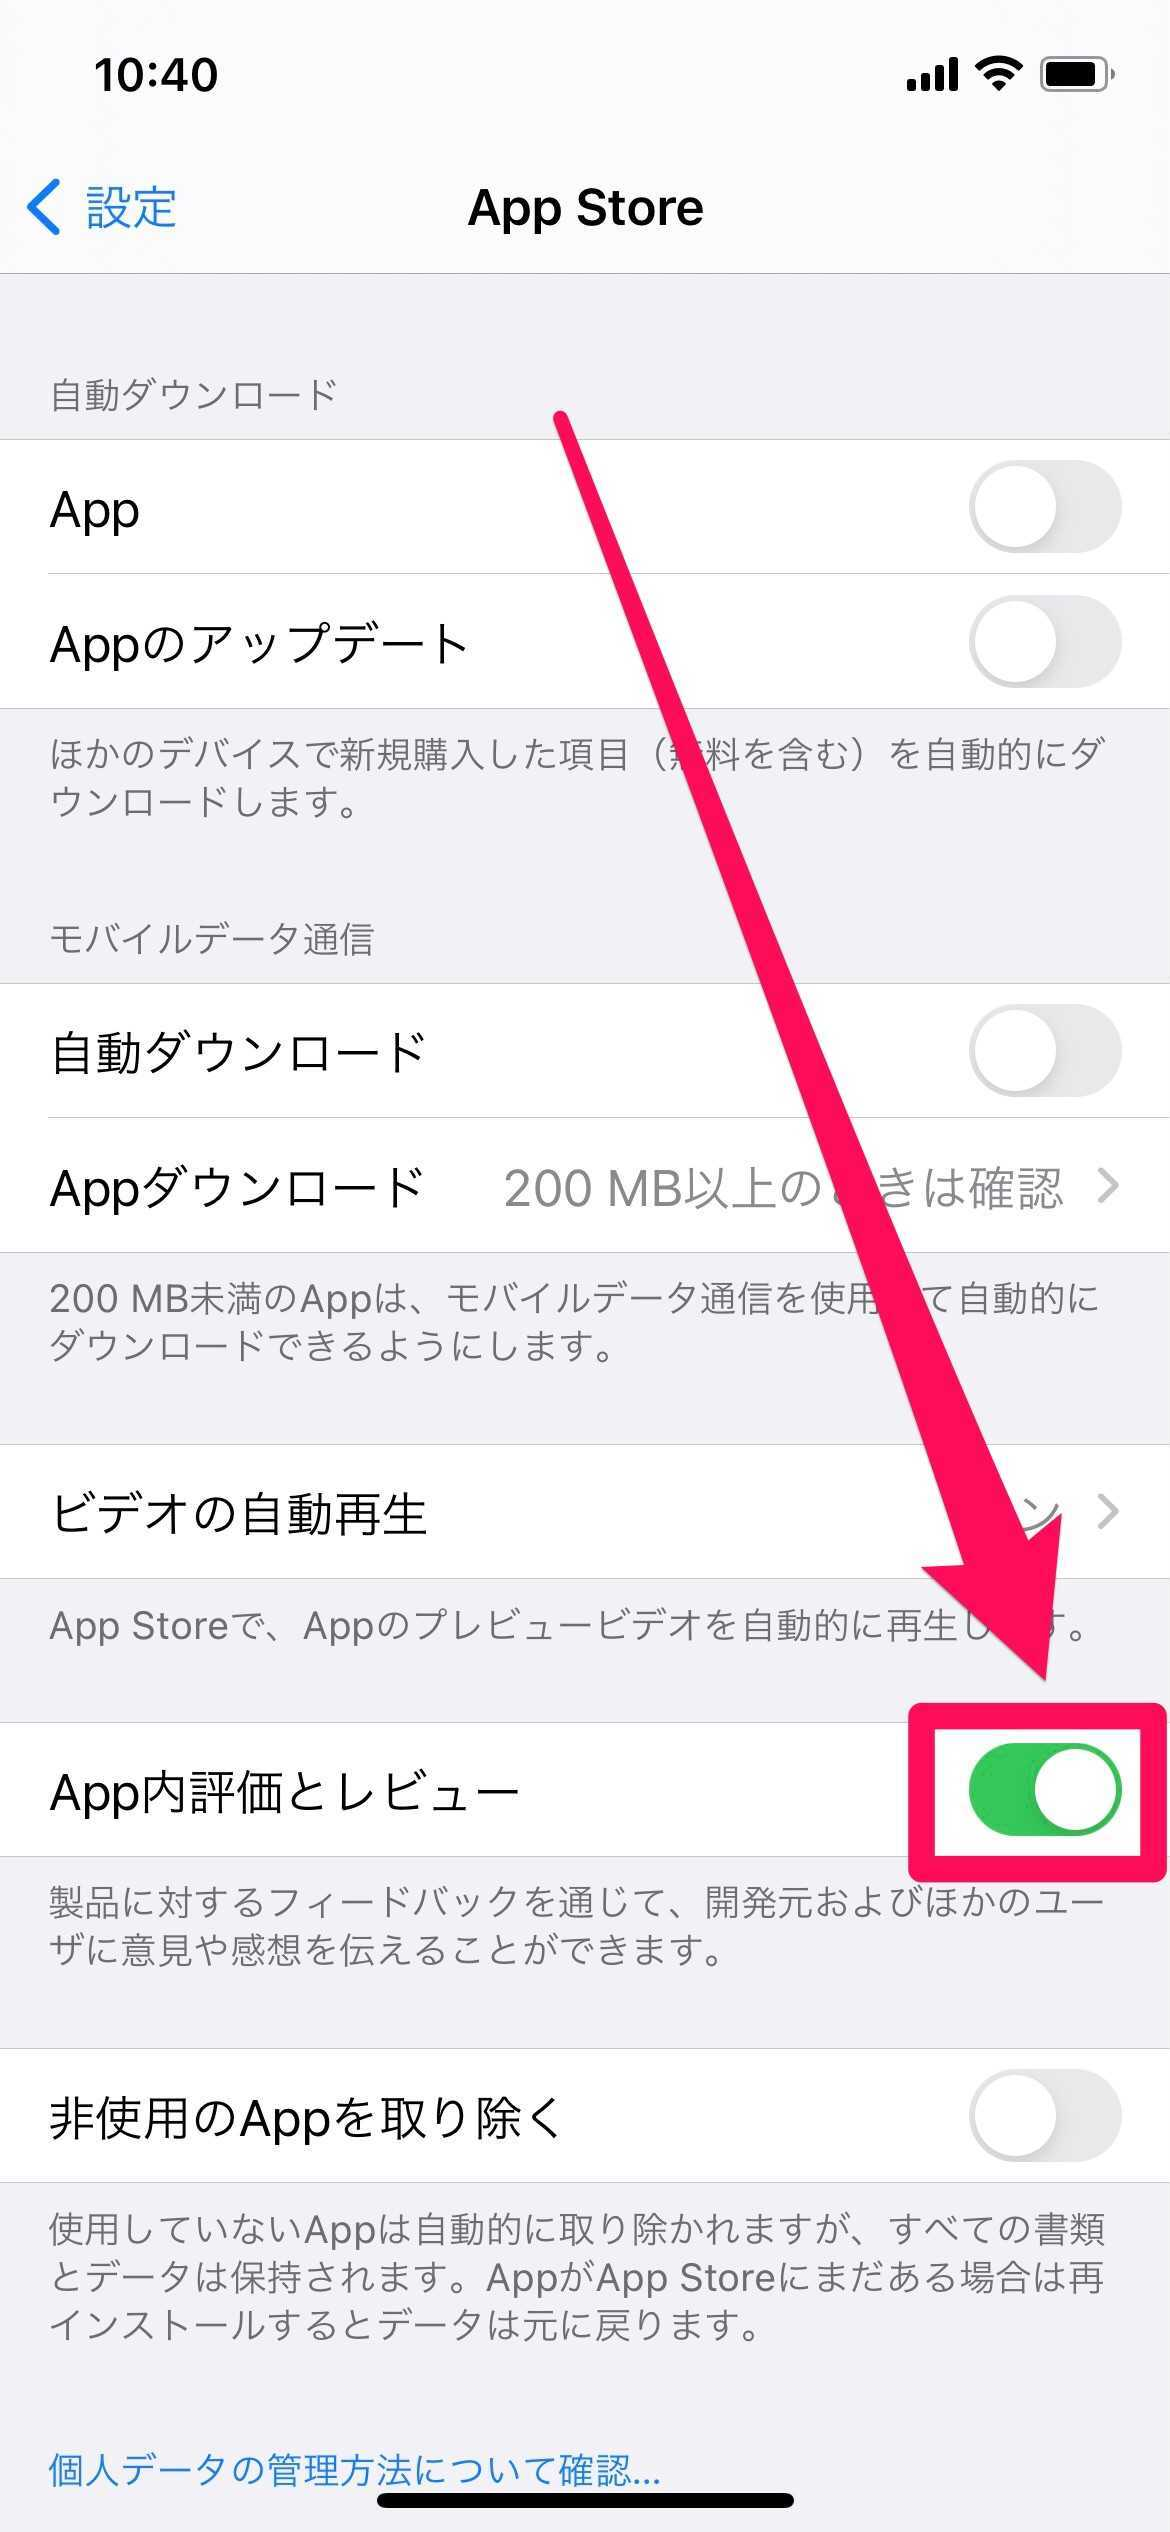 iPhone12でAppStoreの評価レビューをオフにする